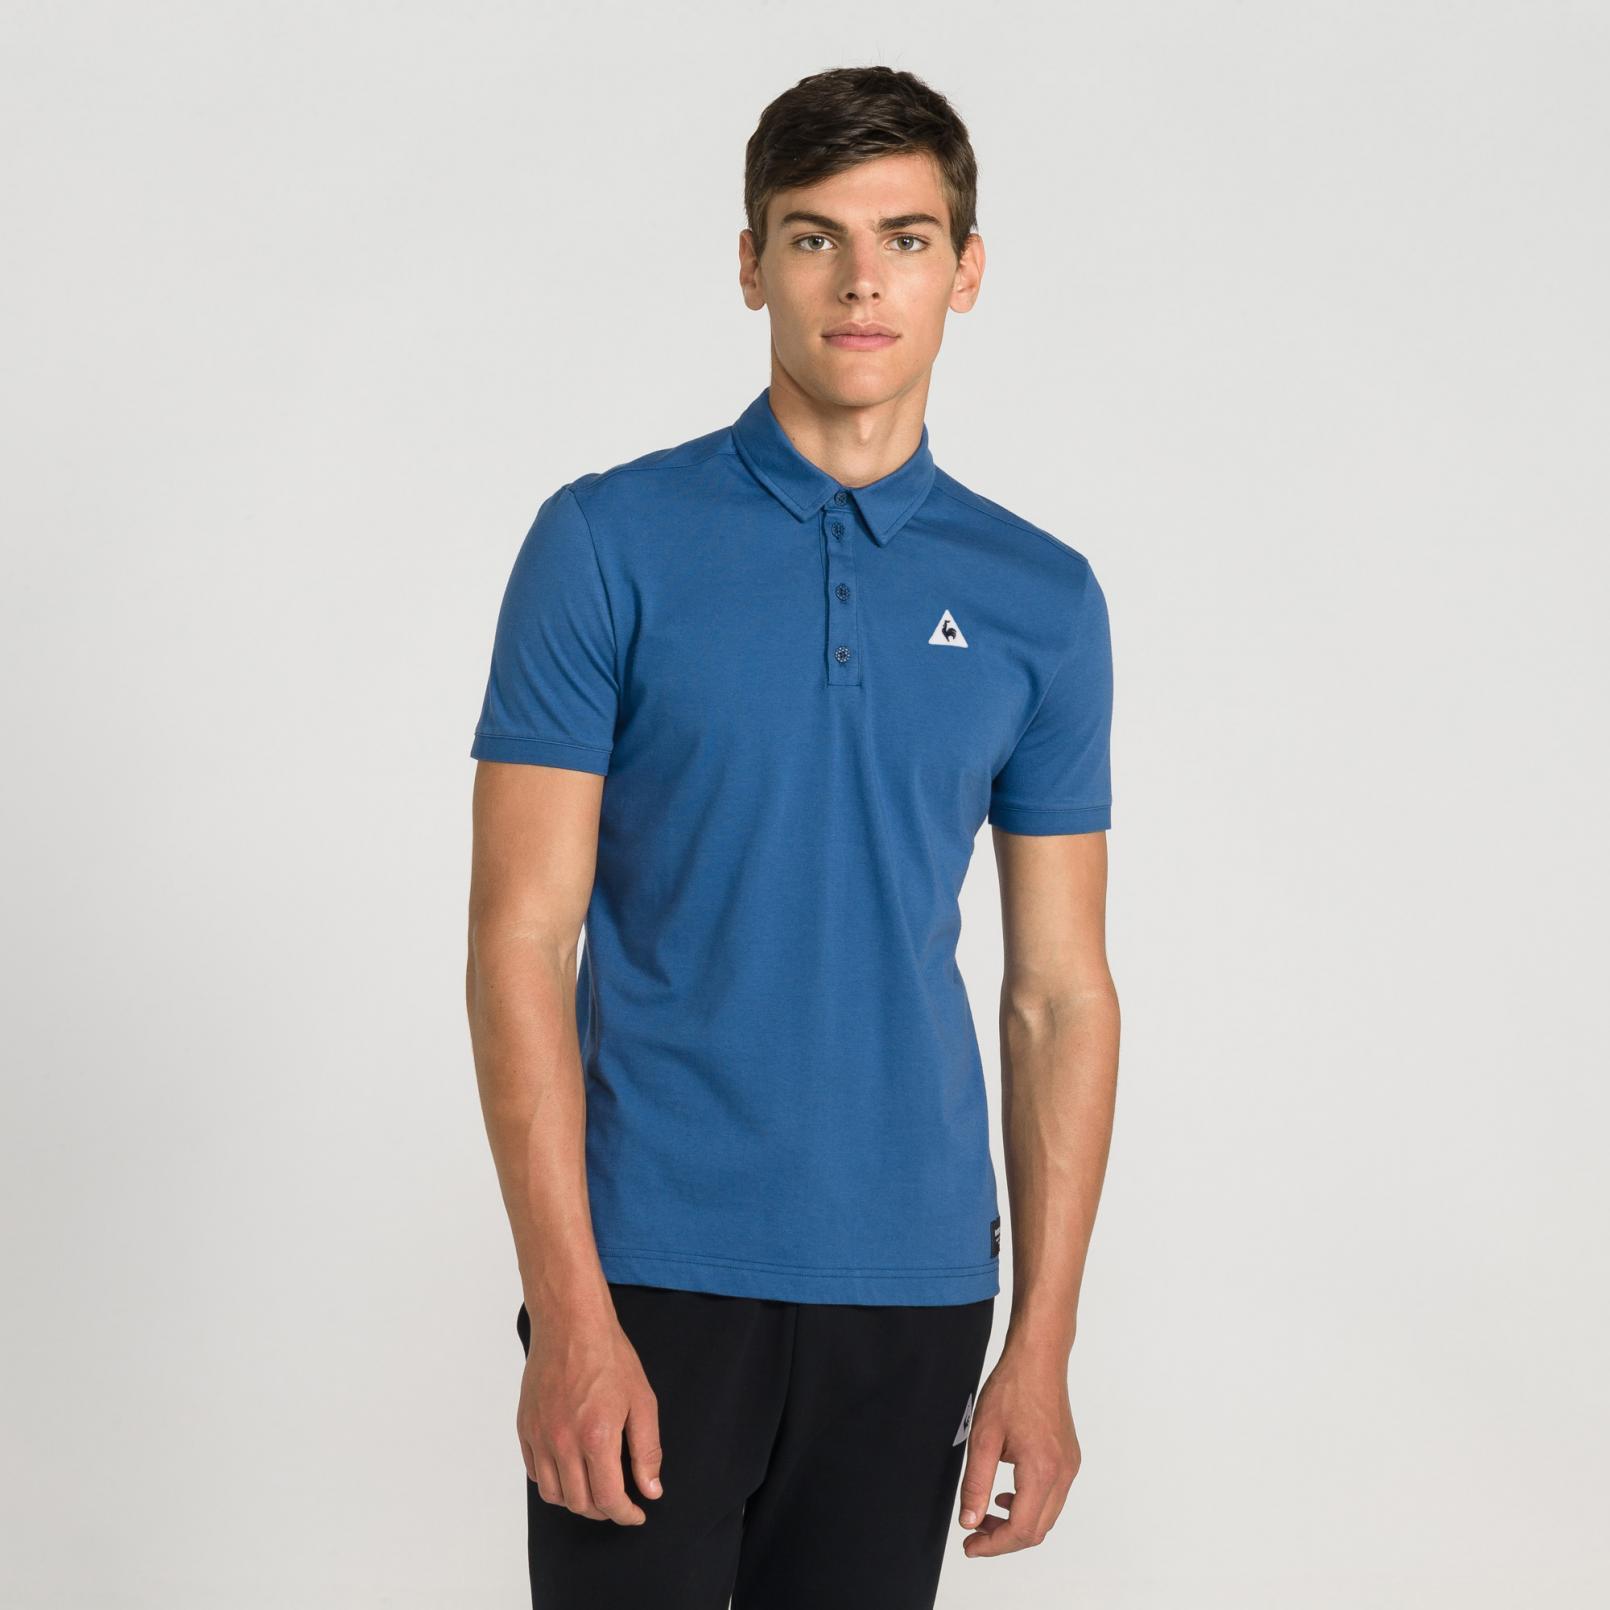 Polo – Le Coq Sportif Essentiels Polo Blue